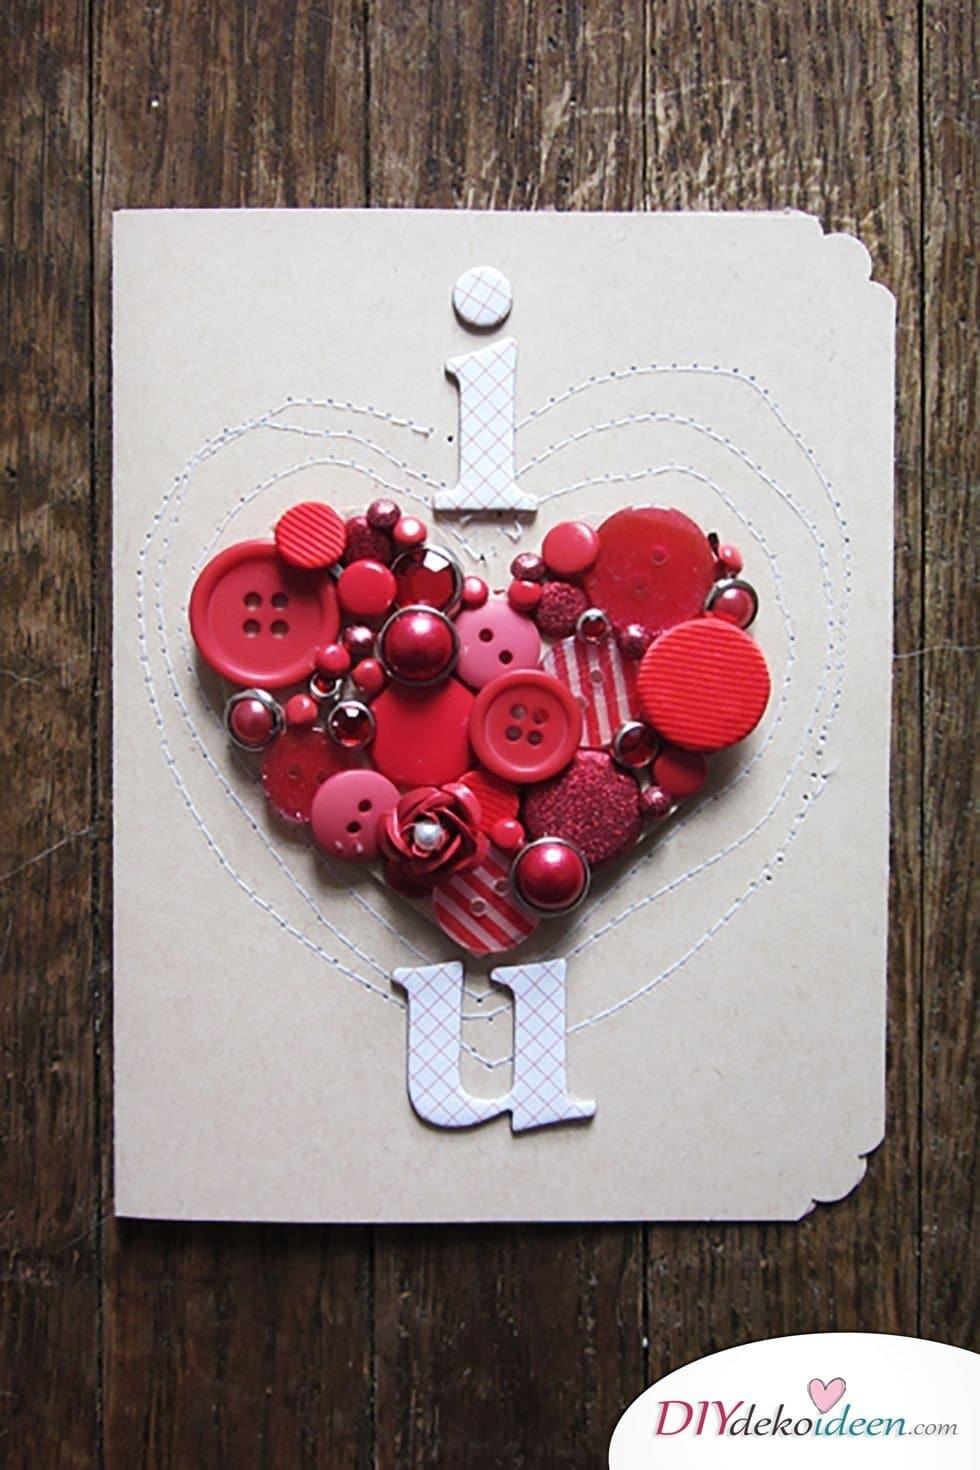 Valentinstag Karten basteln mit Knöpfen, Valentinstag Karten basteln, Valentinstag, Valentinstag basteln, Valentinstag Bastelideen, DIY Bastelideen, romantisch, Karten basteln